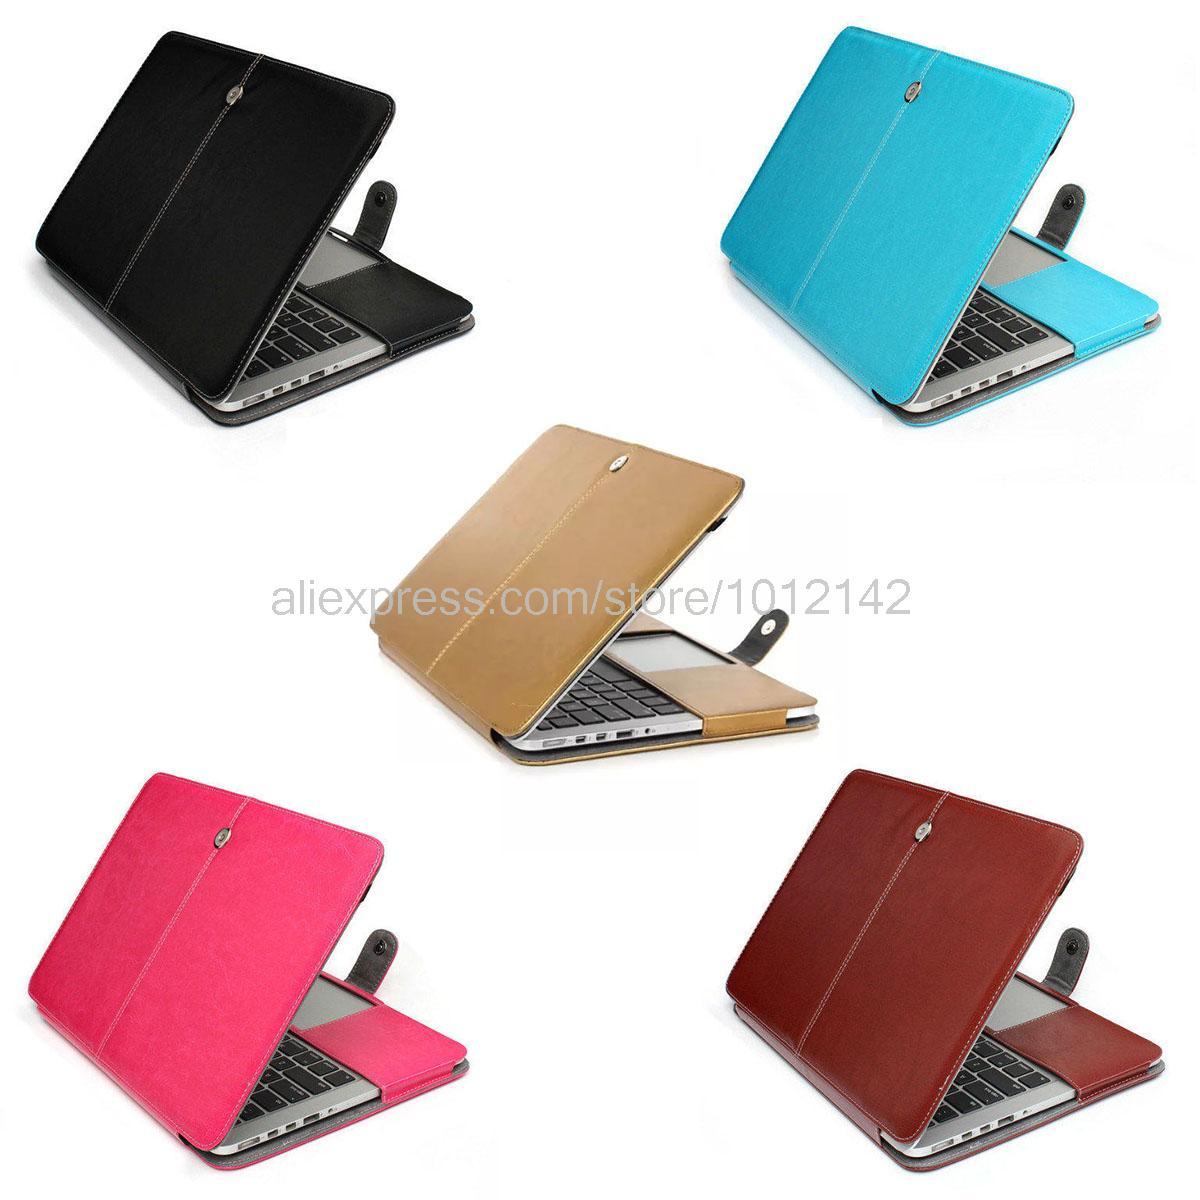 Аксессуары для ноутбука на подарок